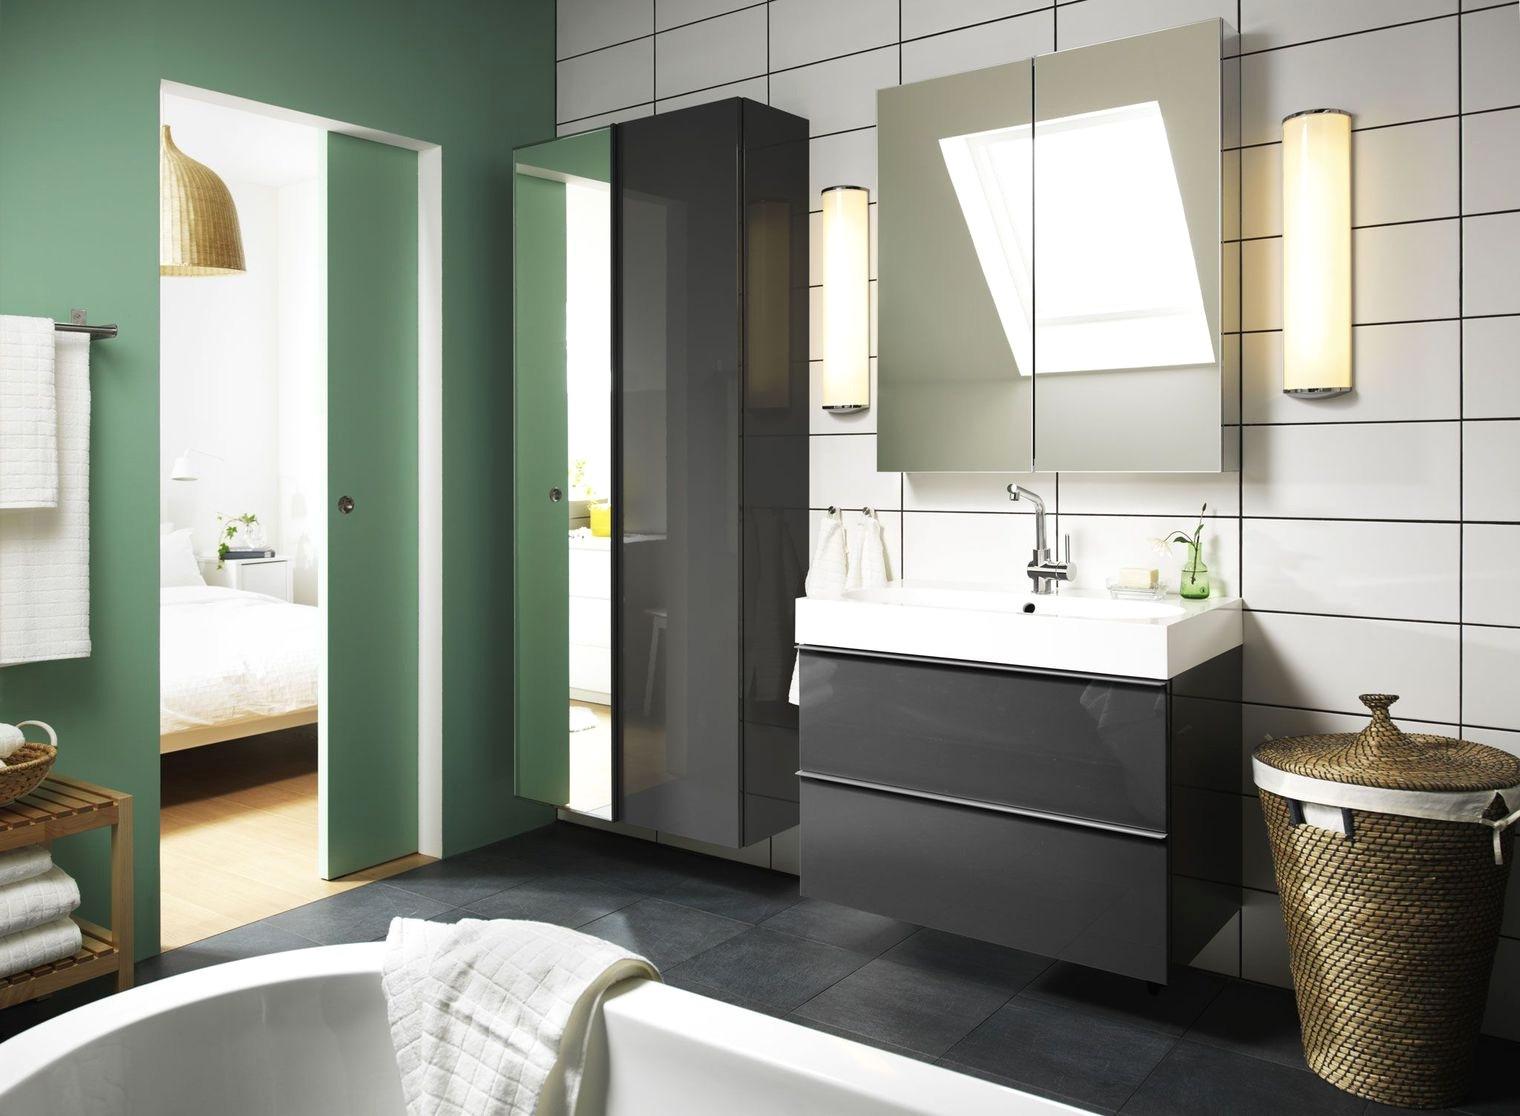 Vasque Encastrable Salle De Bain Ikea Frais Images Les 16 Luxe Vasque Encastrable Salle De Bain Ikea S